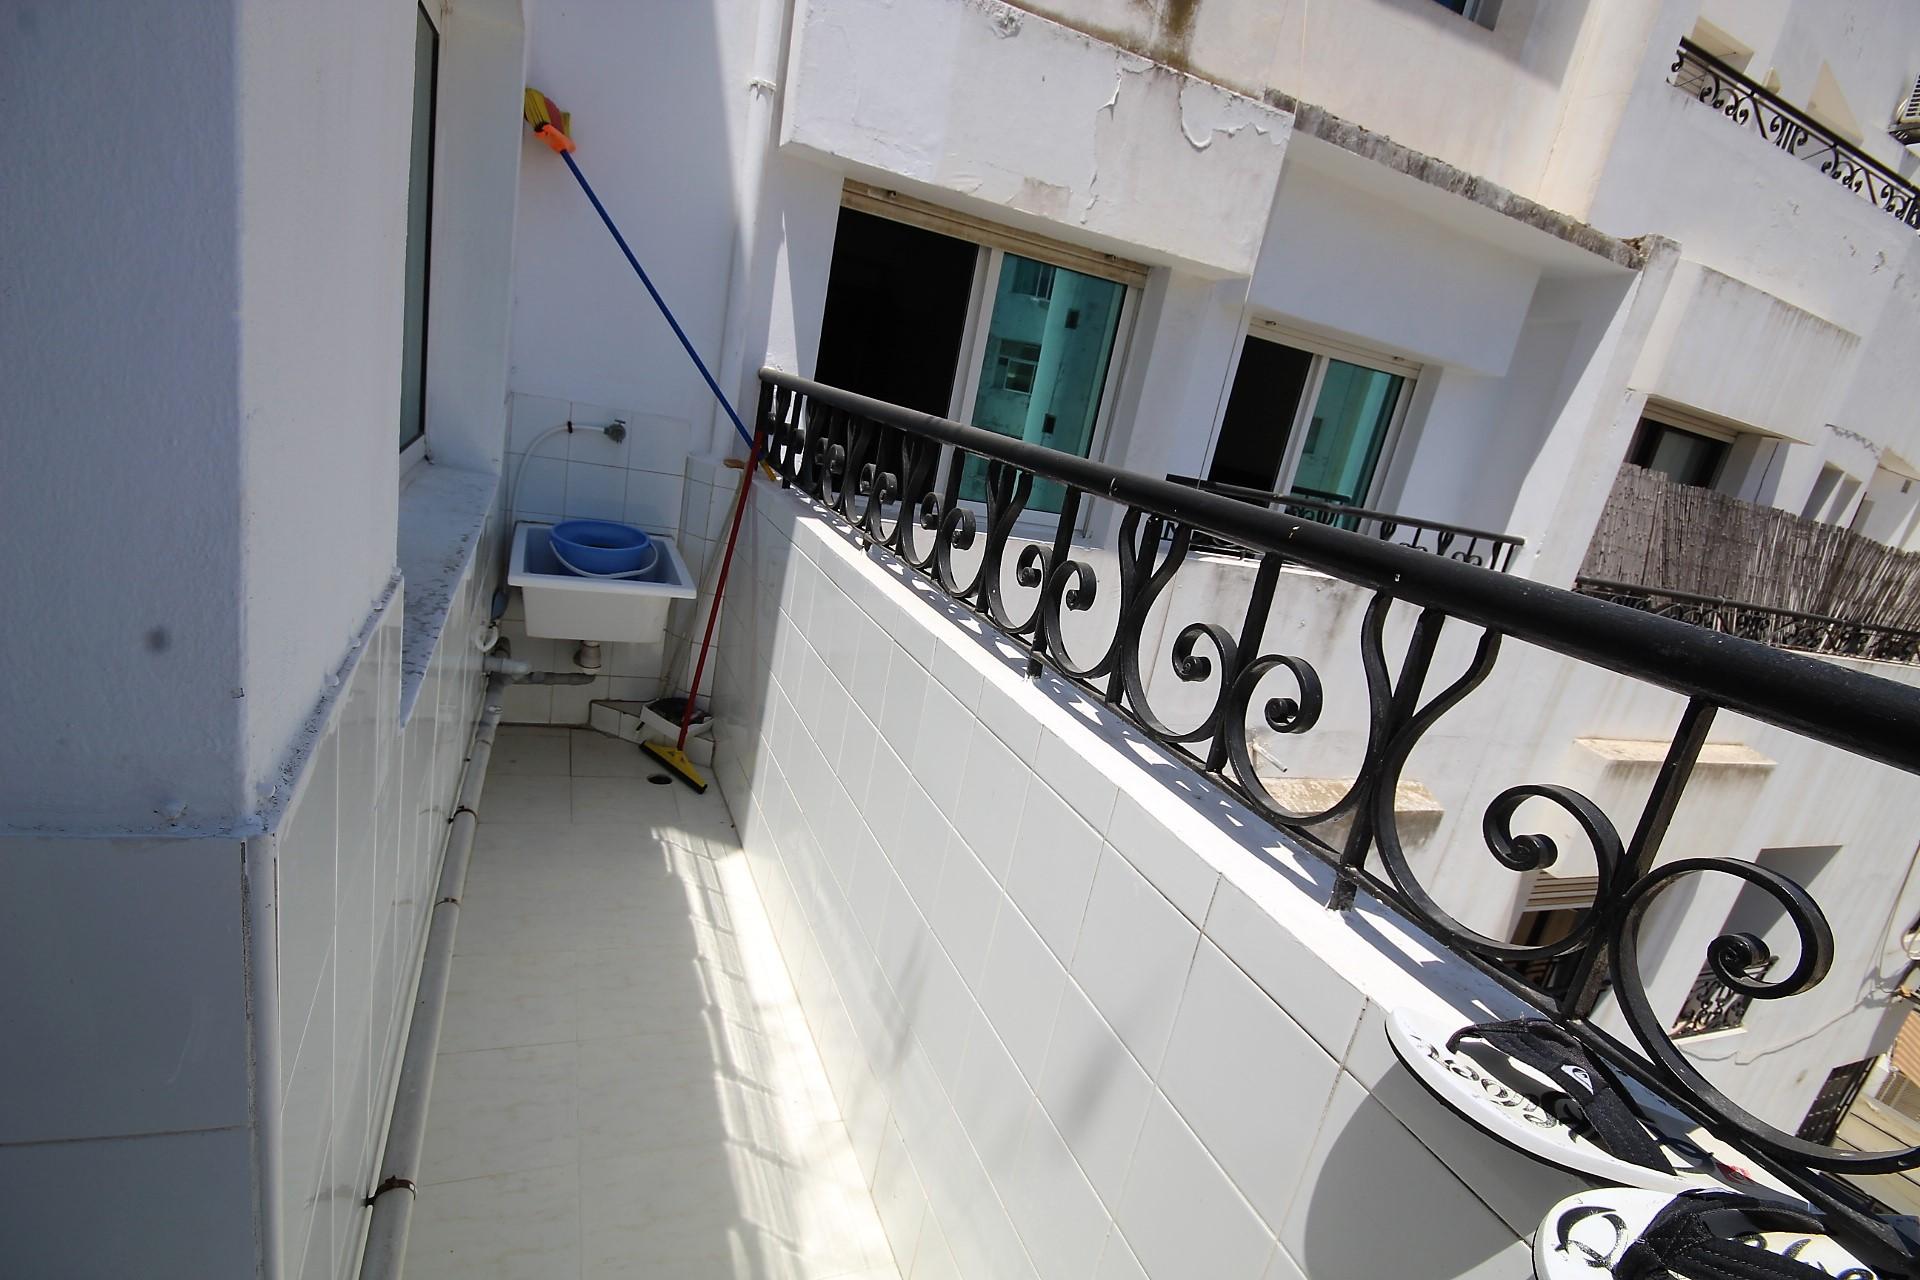 Maroc, Casablanca, Maarif extension, à louer meublé moderne et confortable de 69m² dans rue calme